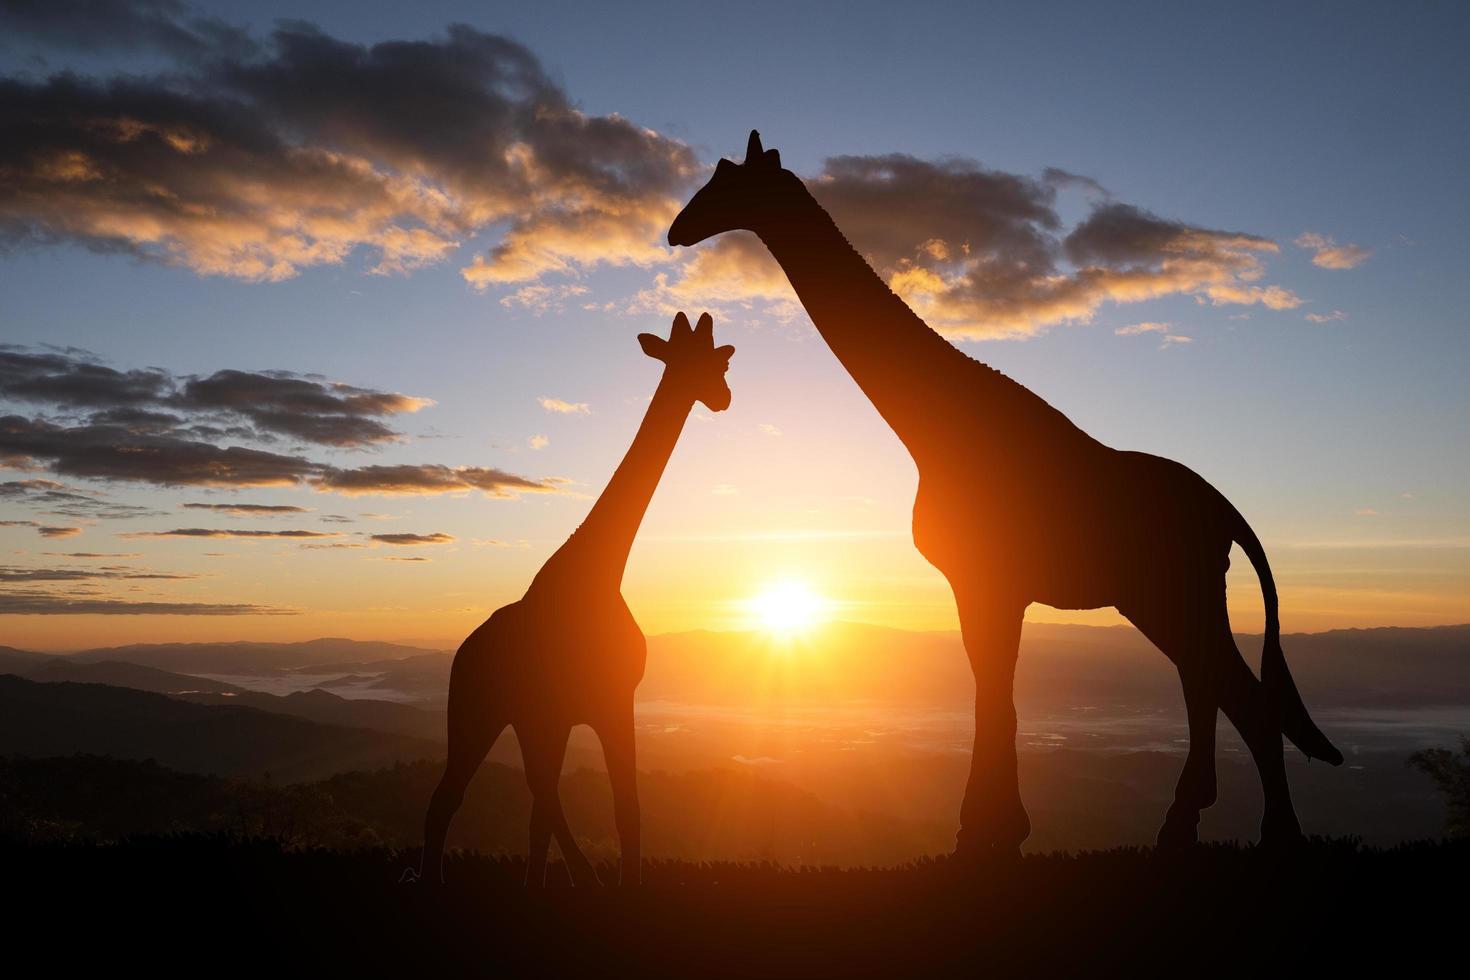 die Silhouette einer Giraffe mit Sonnenuntergang foto